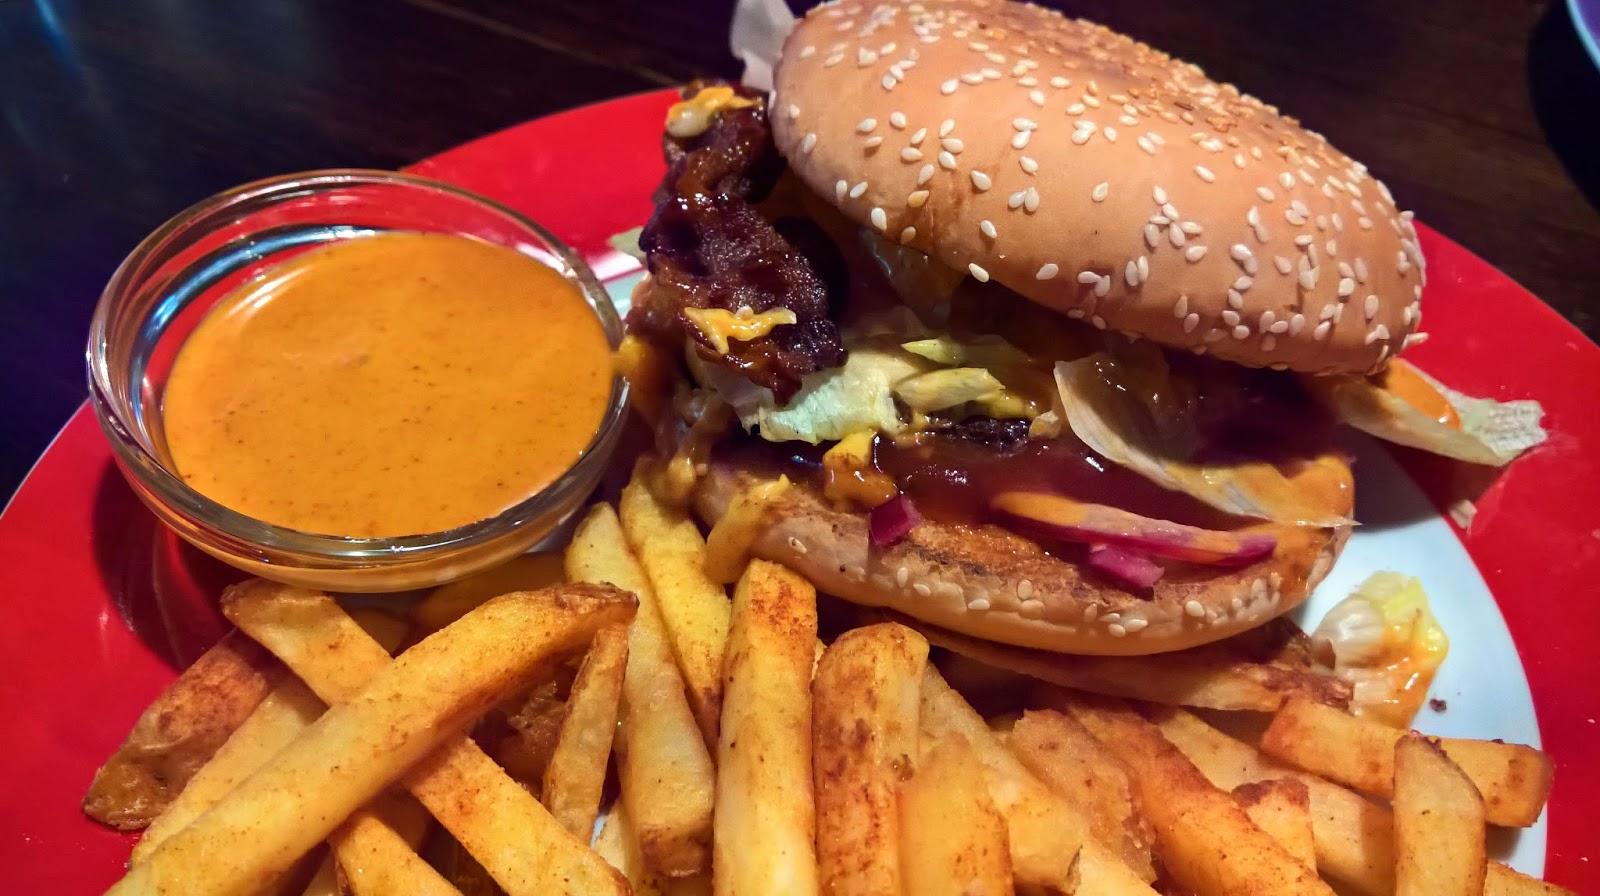 Jyväskylä hampurilaistesti hampurilainen burger mallaspulla ruokablogi pancho villa